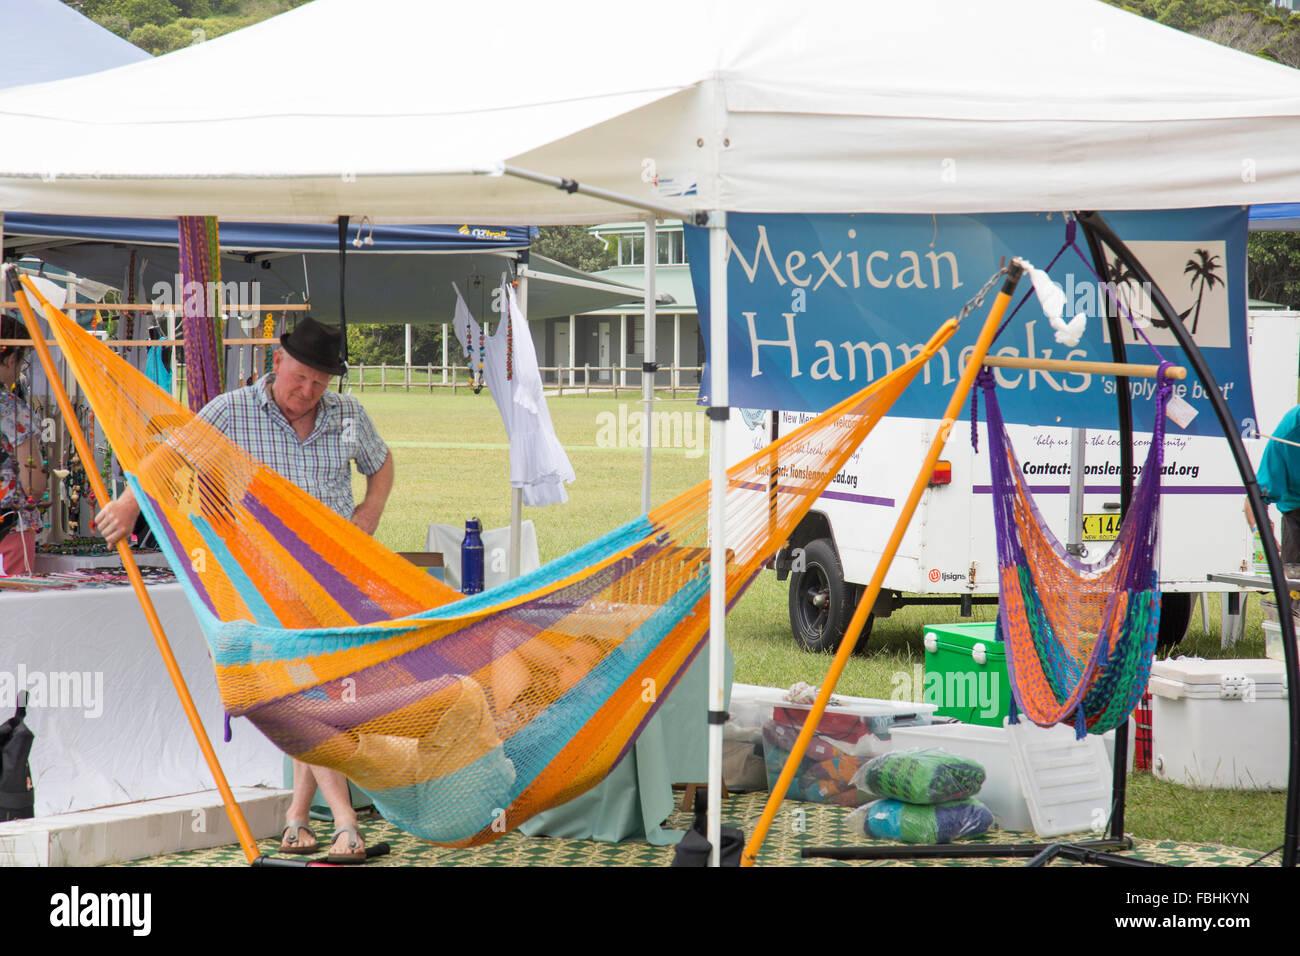 fa2c71d0d El hombre prueba una hamaca mexicana que se vende en mercados de Lennox  Head domingo,